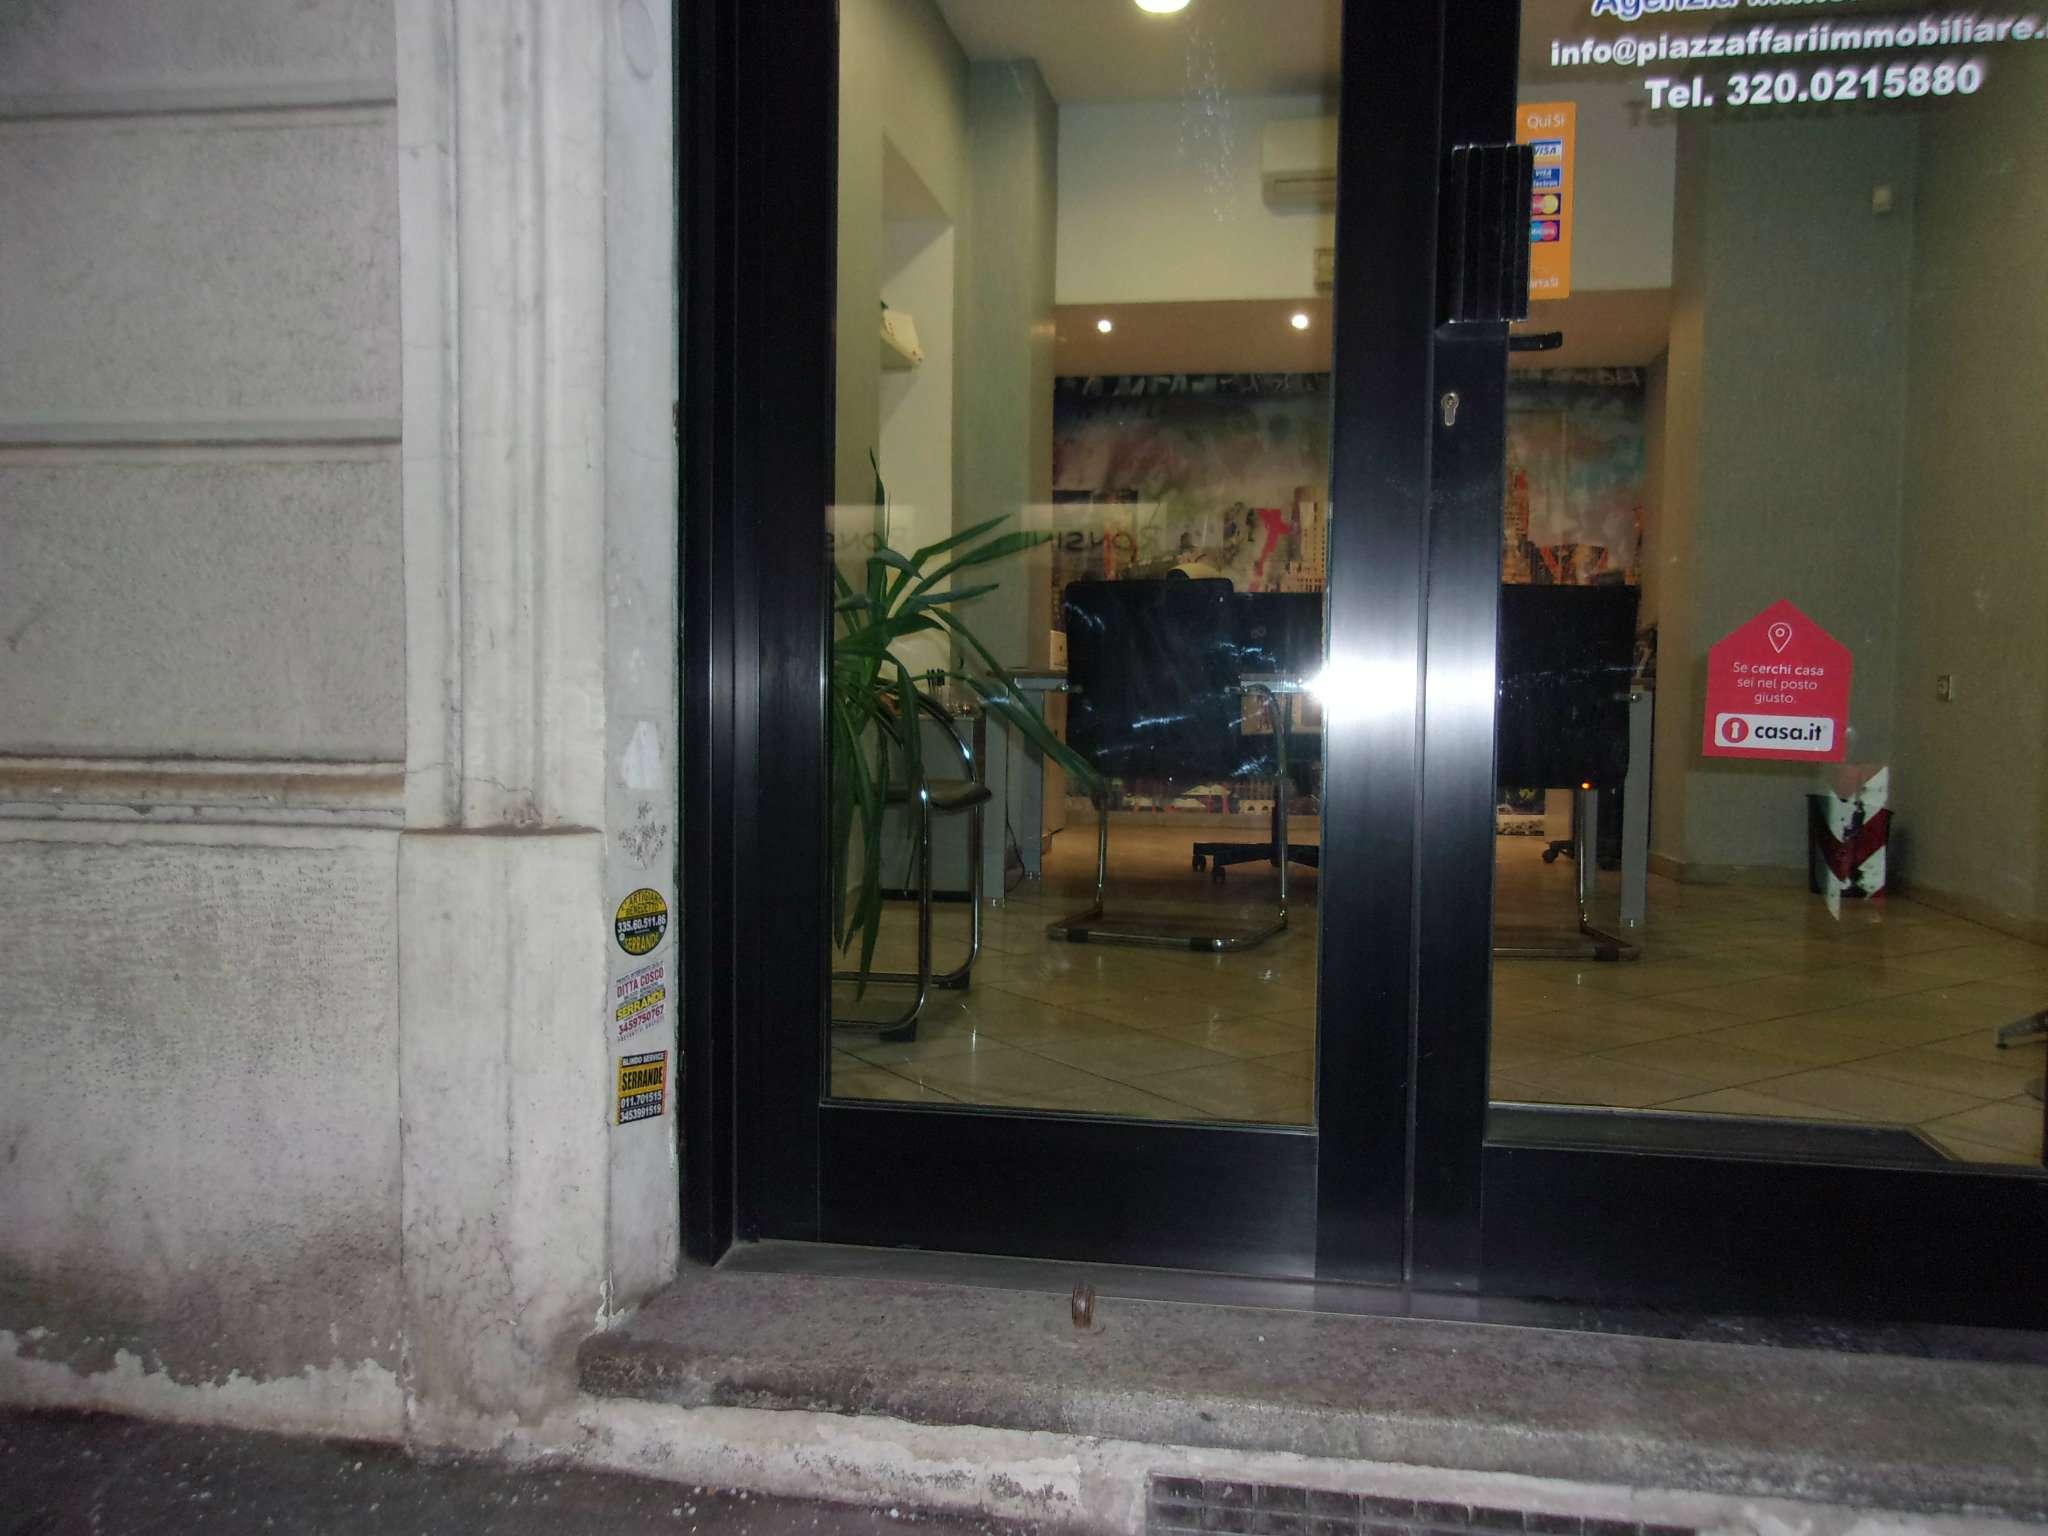 Negozio-locale in Affitto a Torino Semicentro Ovest: 2 locali, 42 mq